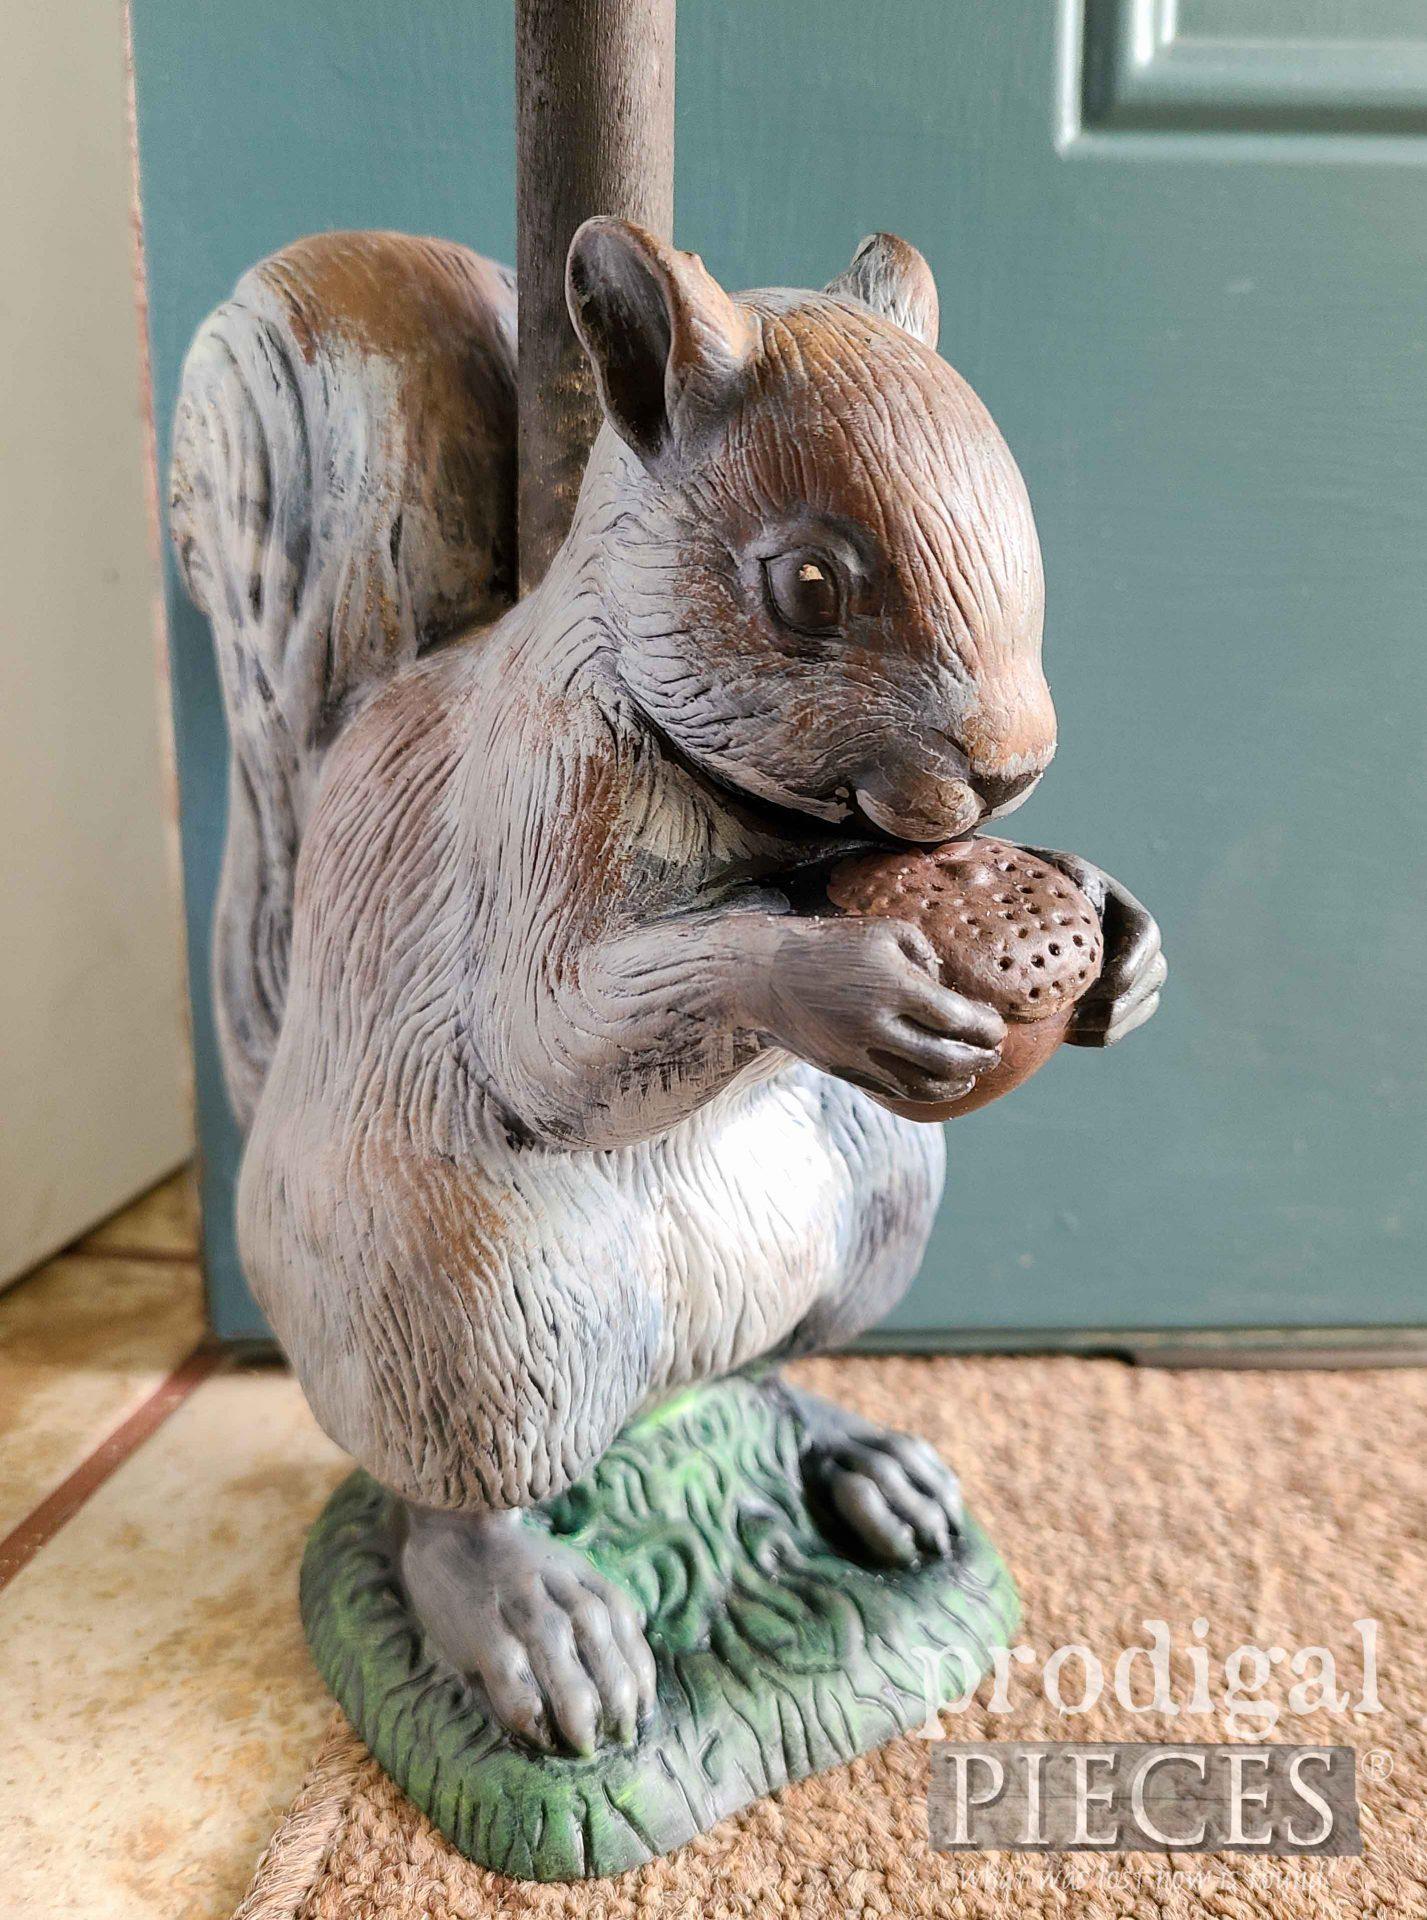 Farmhouse Gray Squirrel Doorstop by Larissa of Prodigal Pieces | prodigalpieces.com #prodigalpieces #diy #home #farmhouse #homedecor